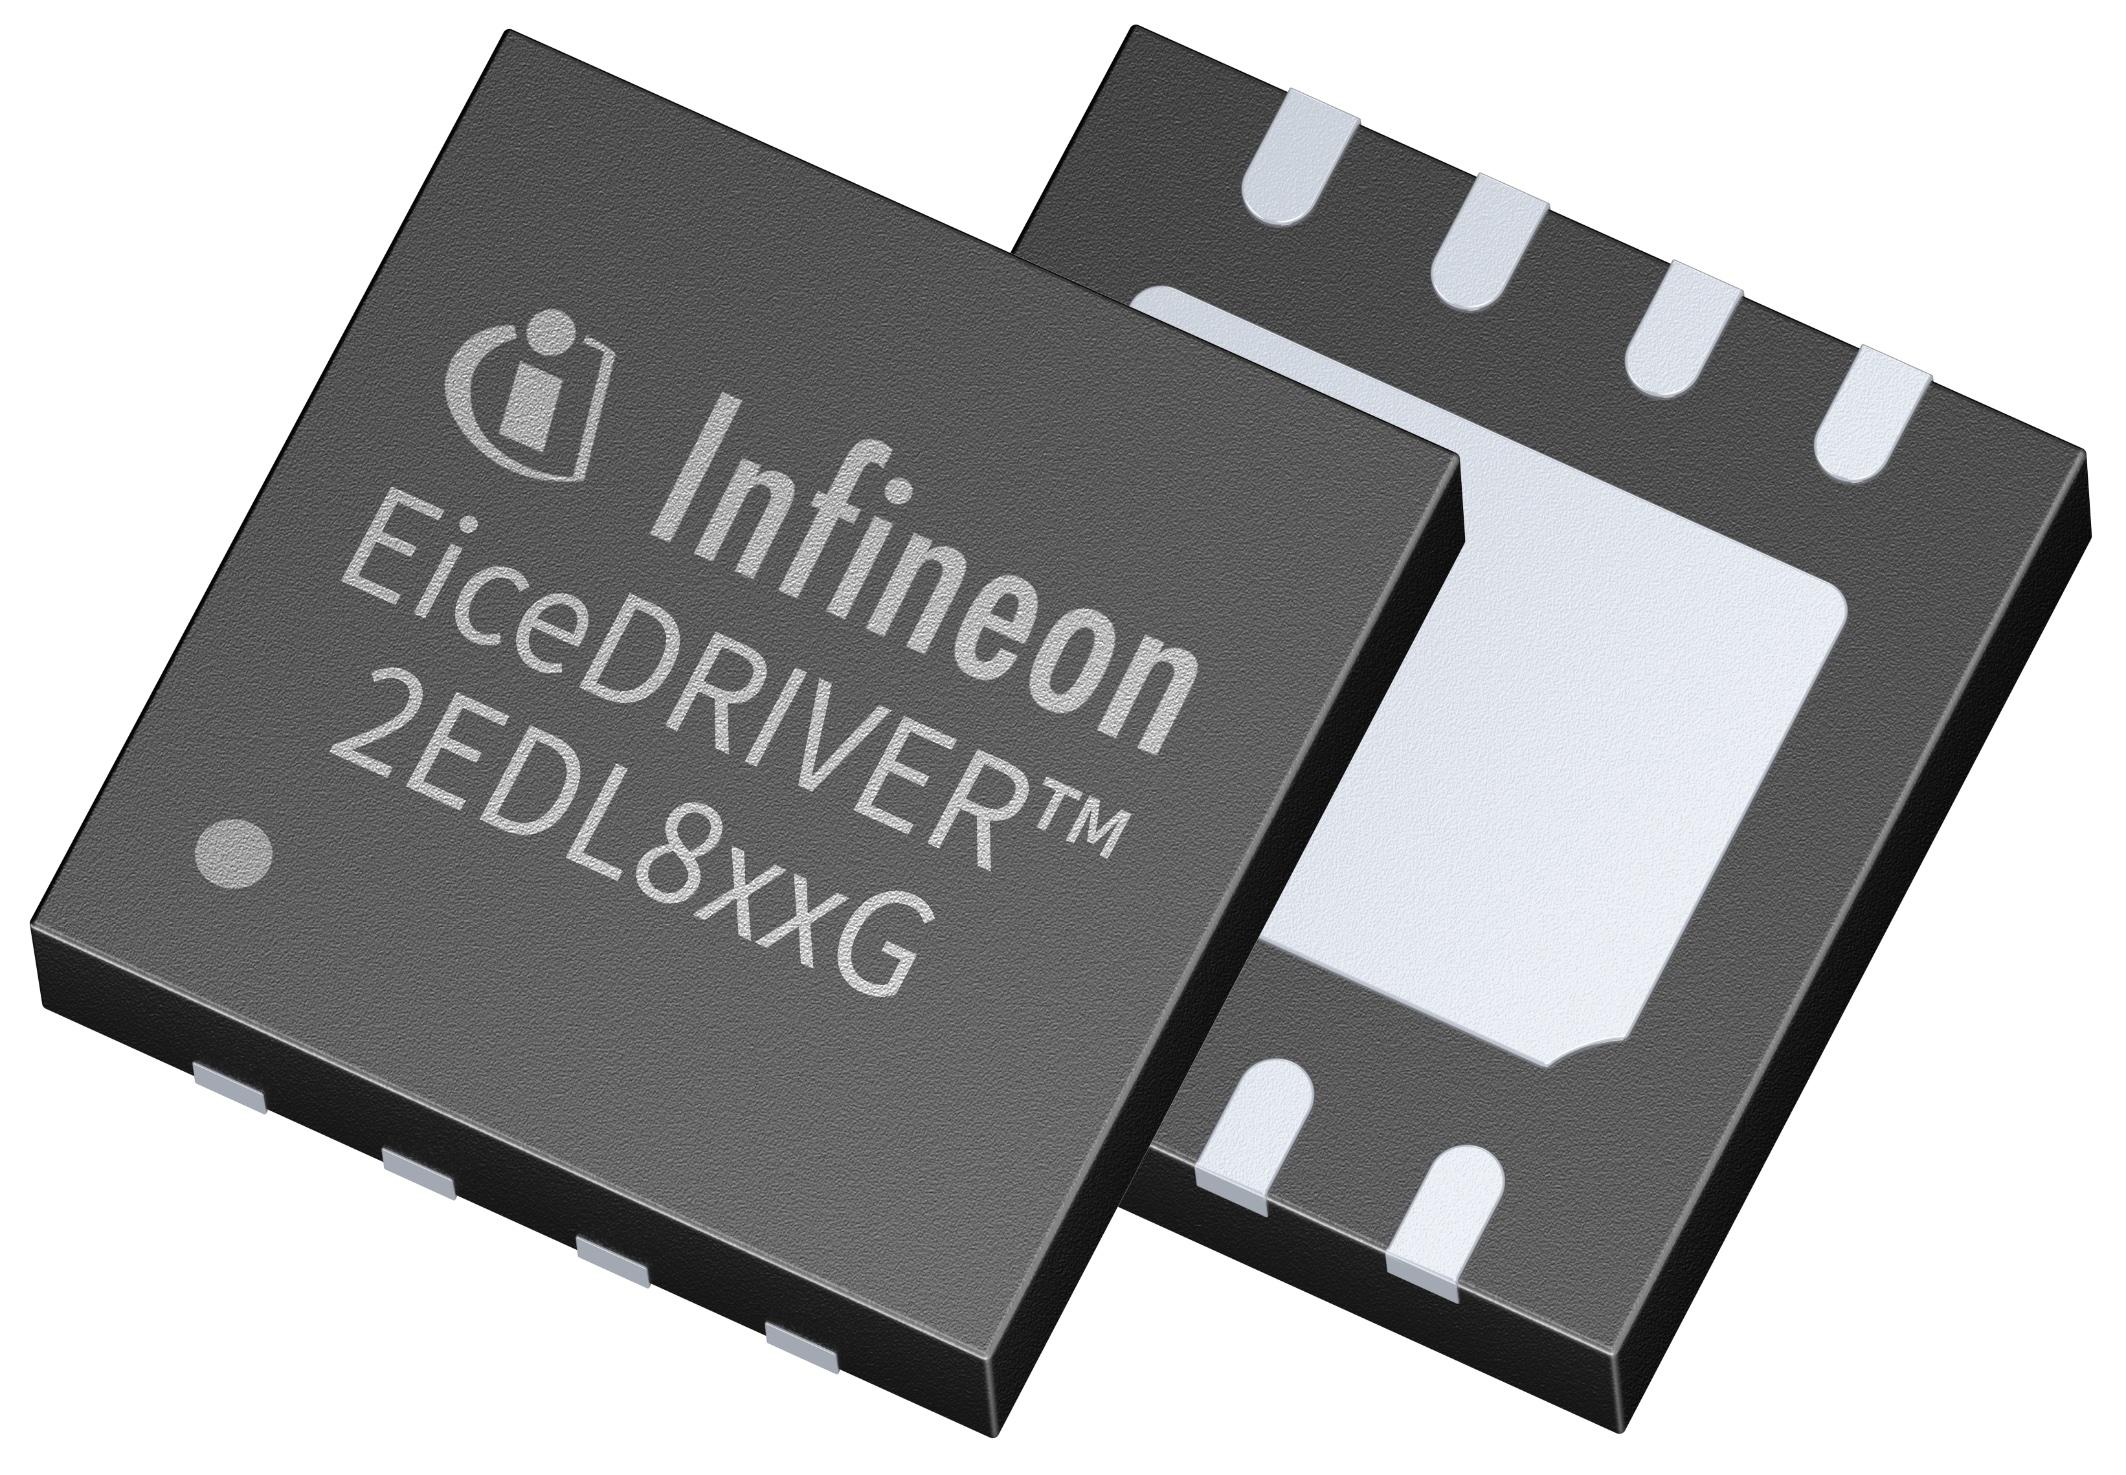 英飞凌推出适用于 5G 和 LTE宏基站的全新栅极驱动 IC